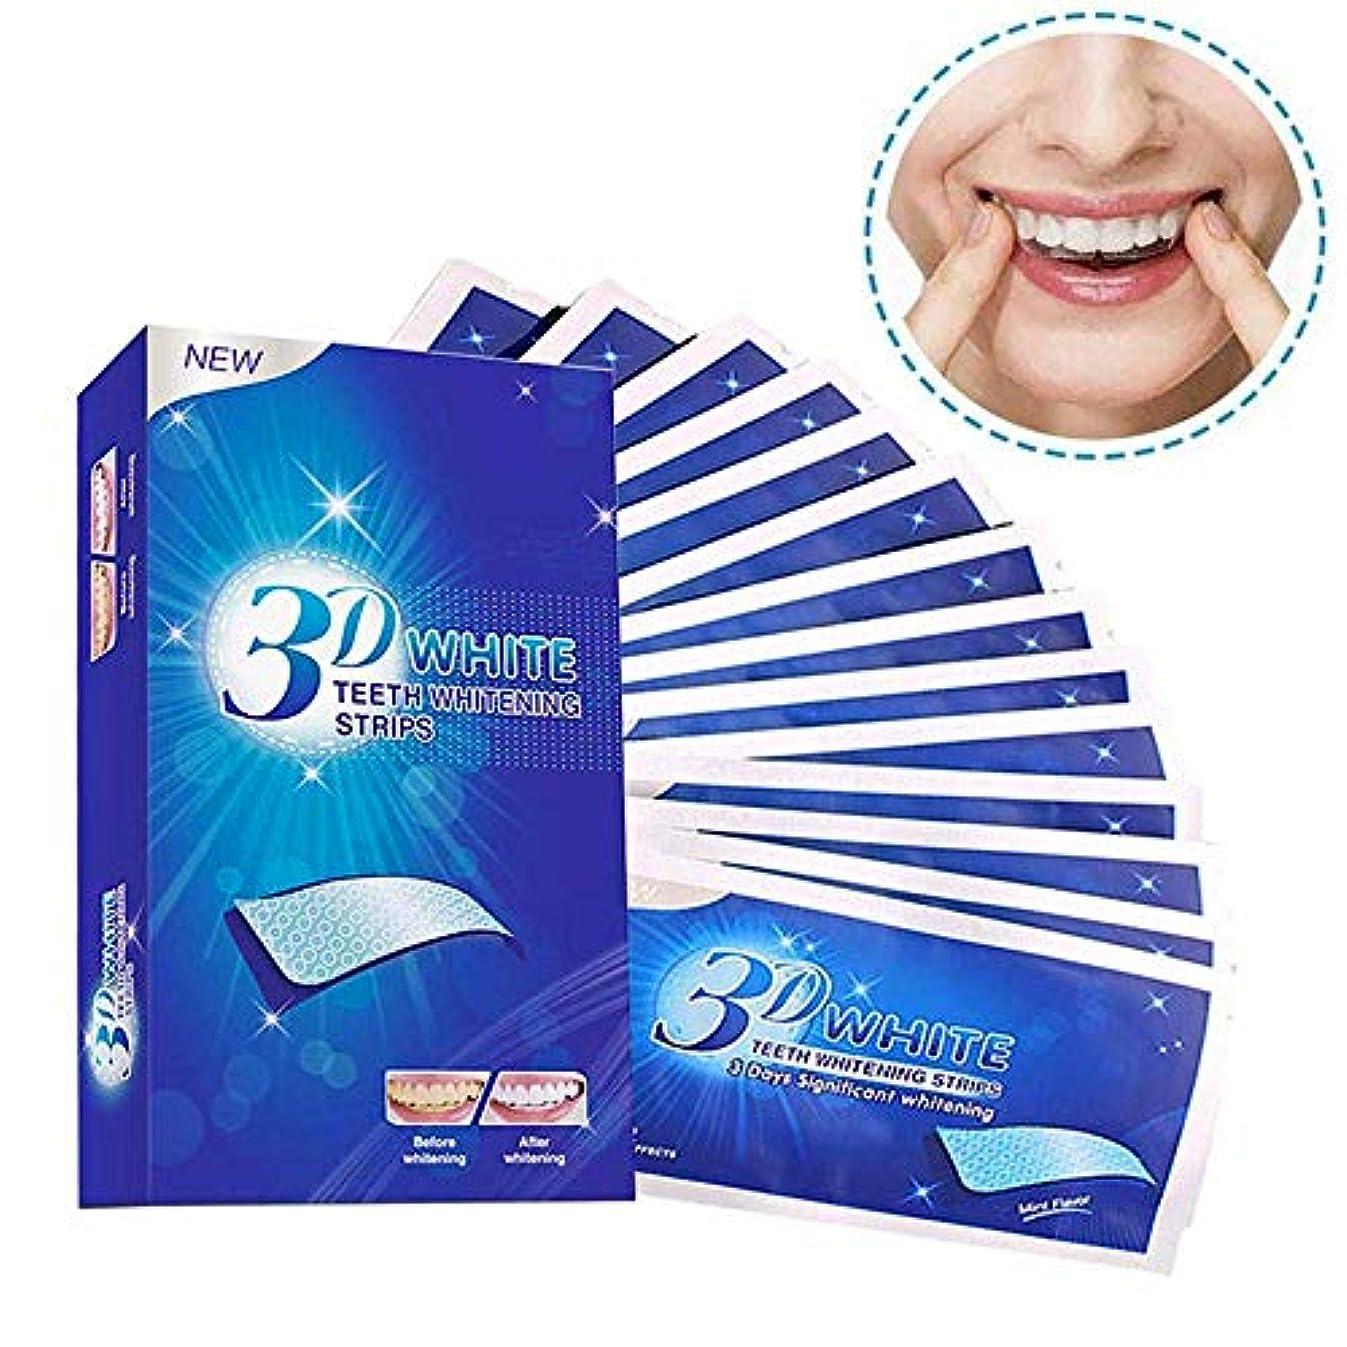 政権オンス代表して歯 美白 ホワイトニング マニキュア 歯ケア 歯のホワイトニング 美白歯磨き 歯を白 ホワイトニングテープ 歯を漂白 7セット/14枚 (7セット/14枚)